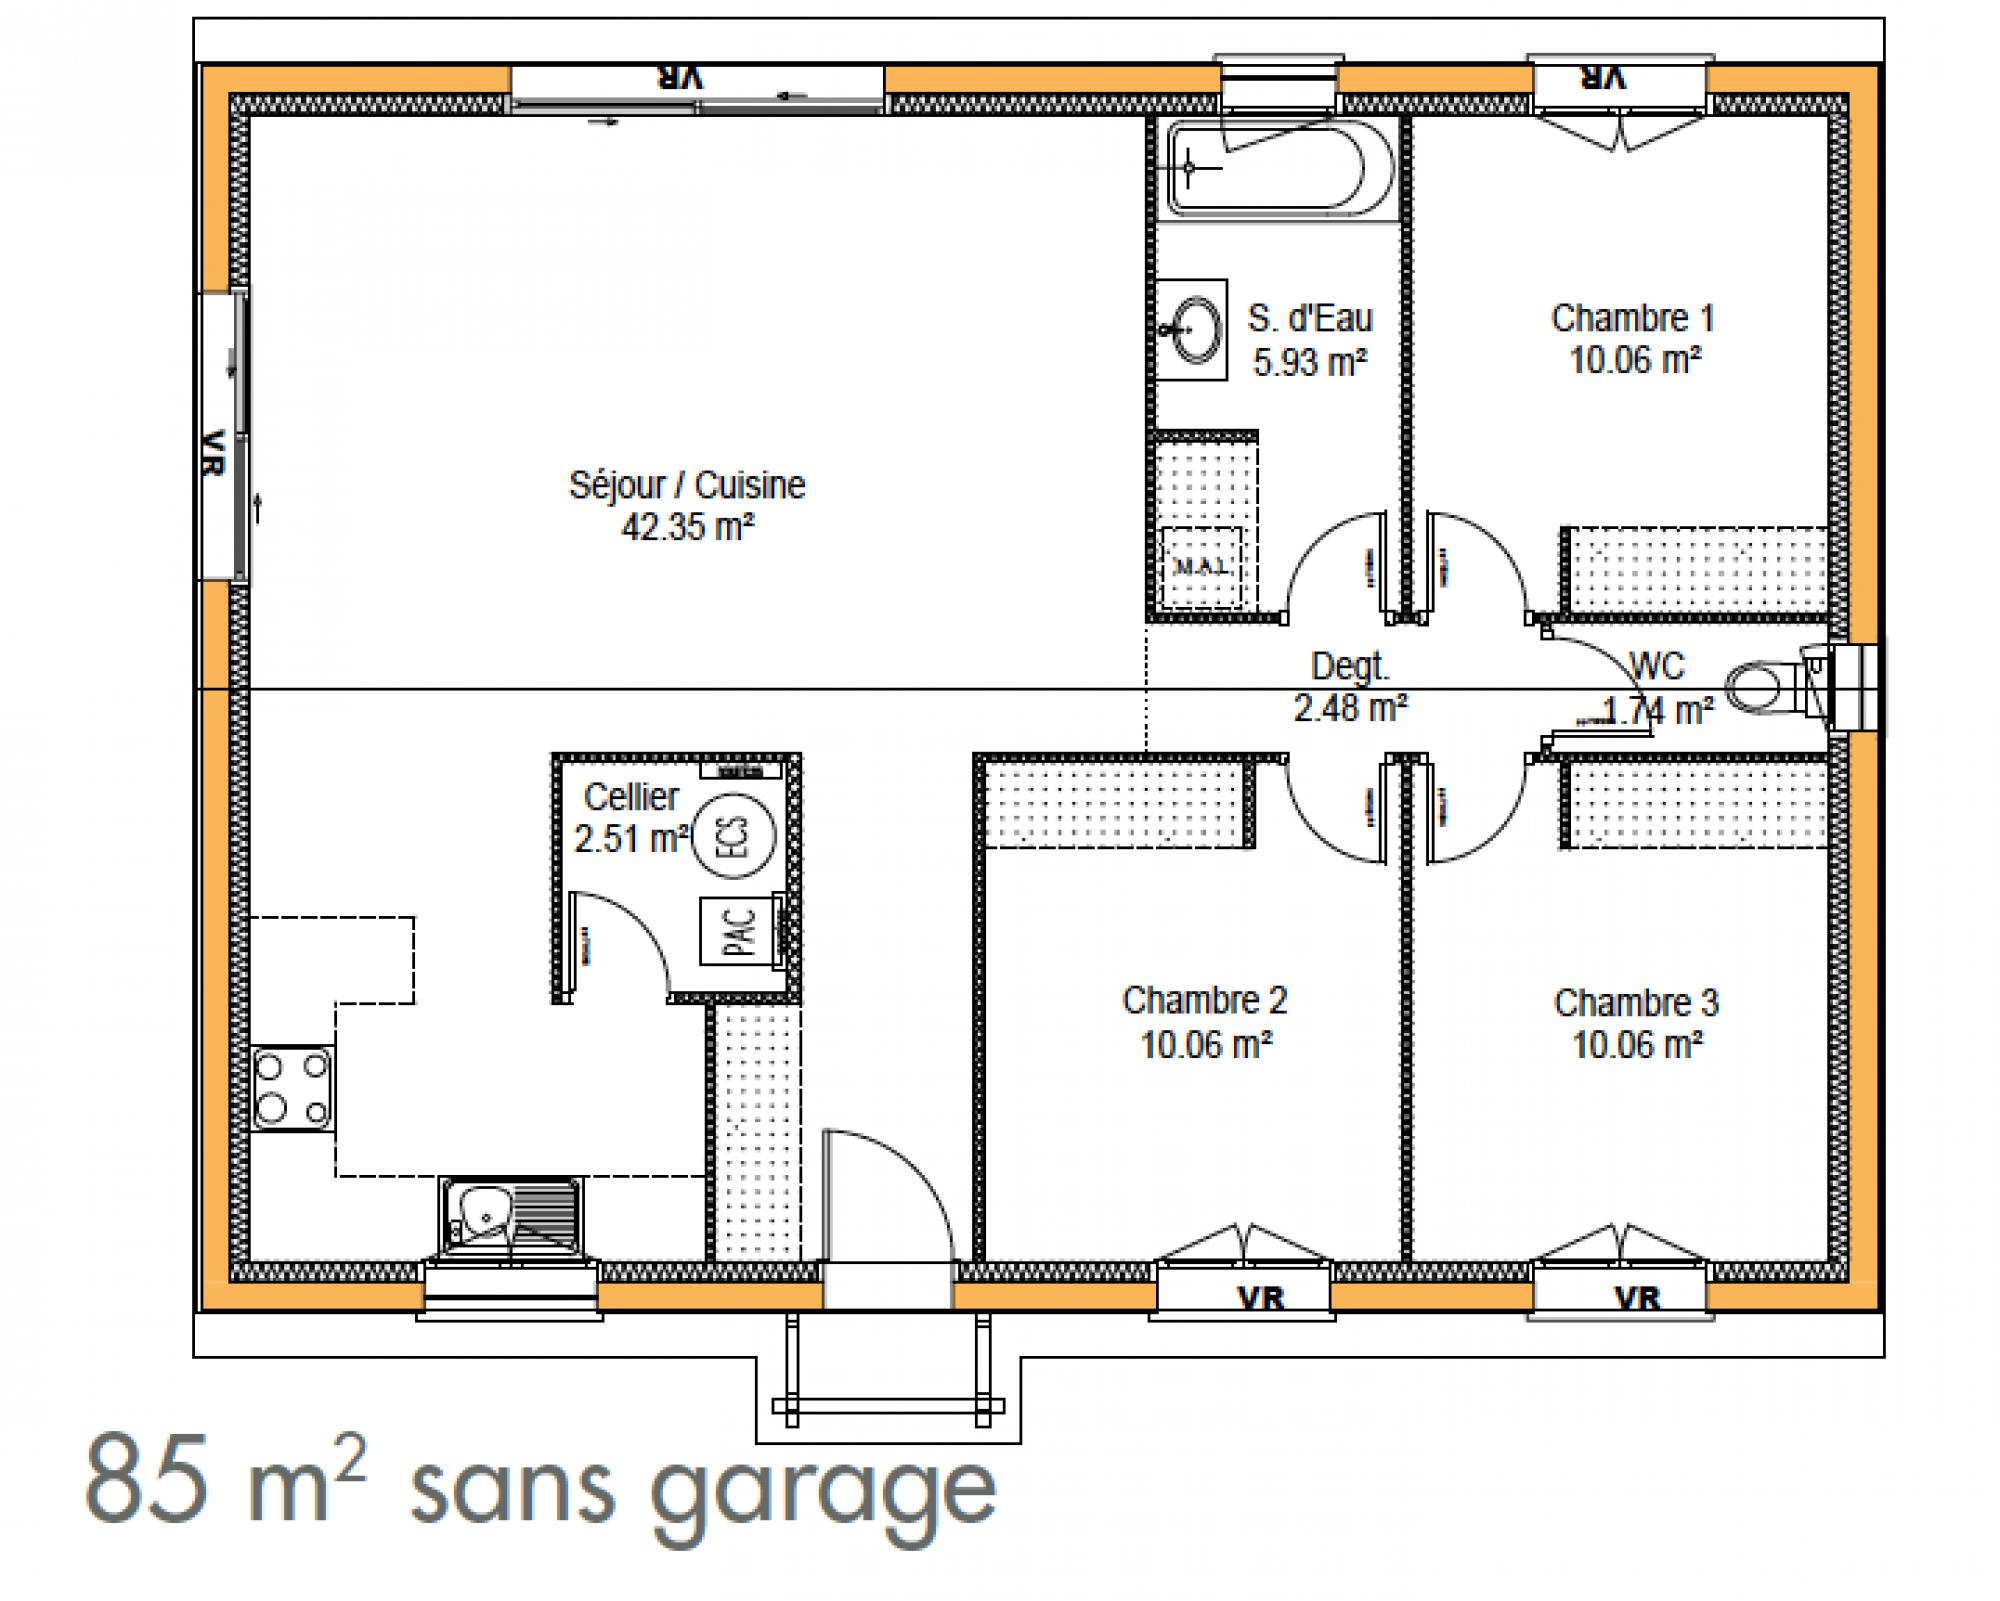 Roucou constructeur de maison individuelle bordeaux immo construction for Photo de plan de maison